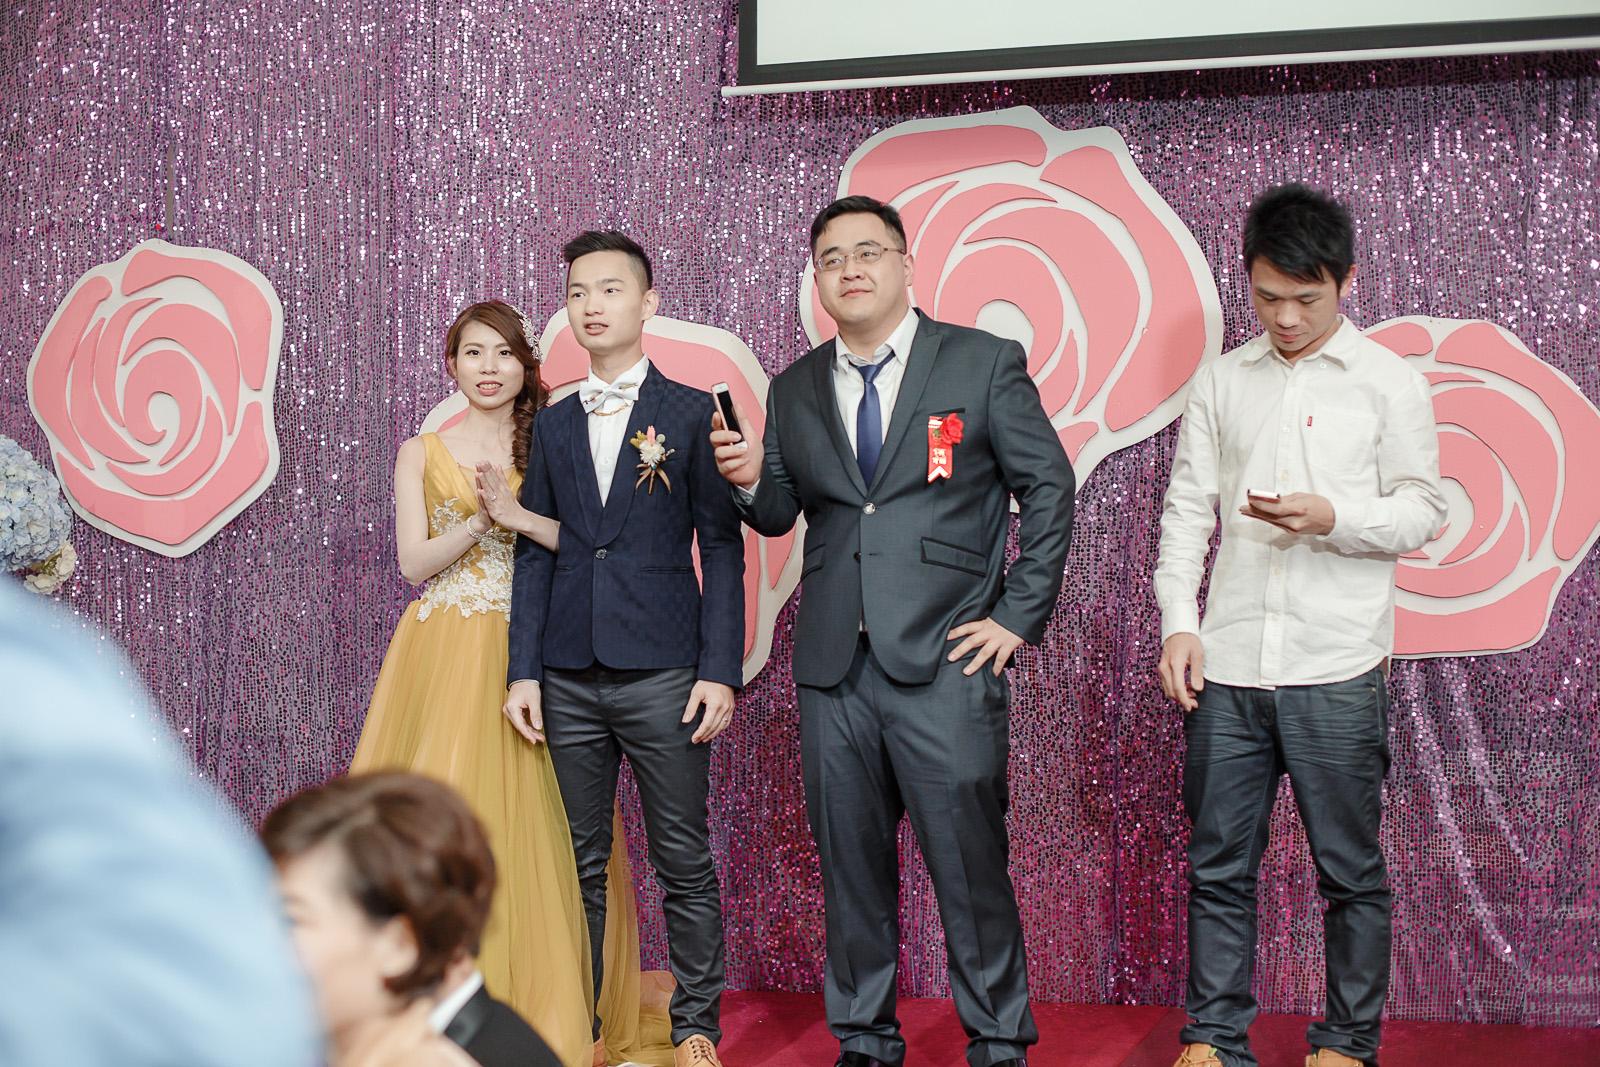 高雄圓山飯店,婚禮攝影,婚攝,高雄婚攝,優質婚攝推薦,Jen&Ethan-286